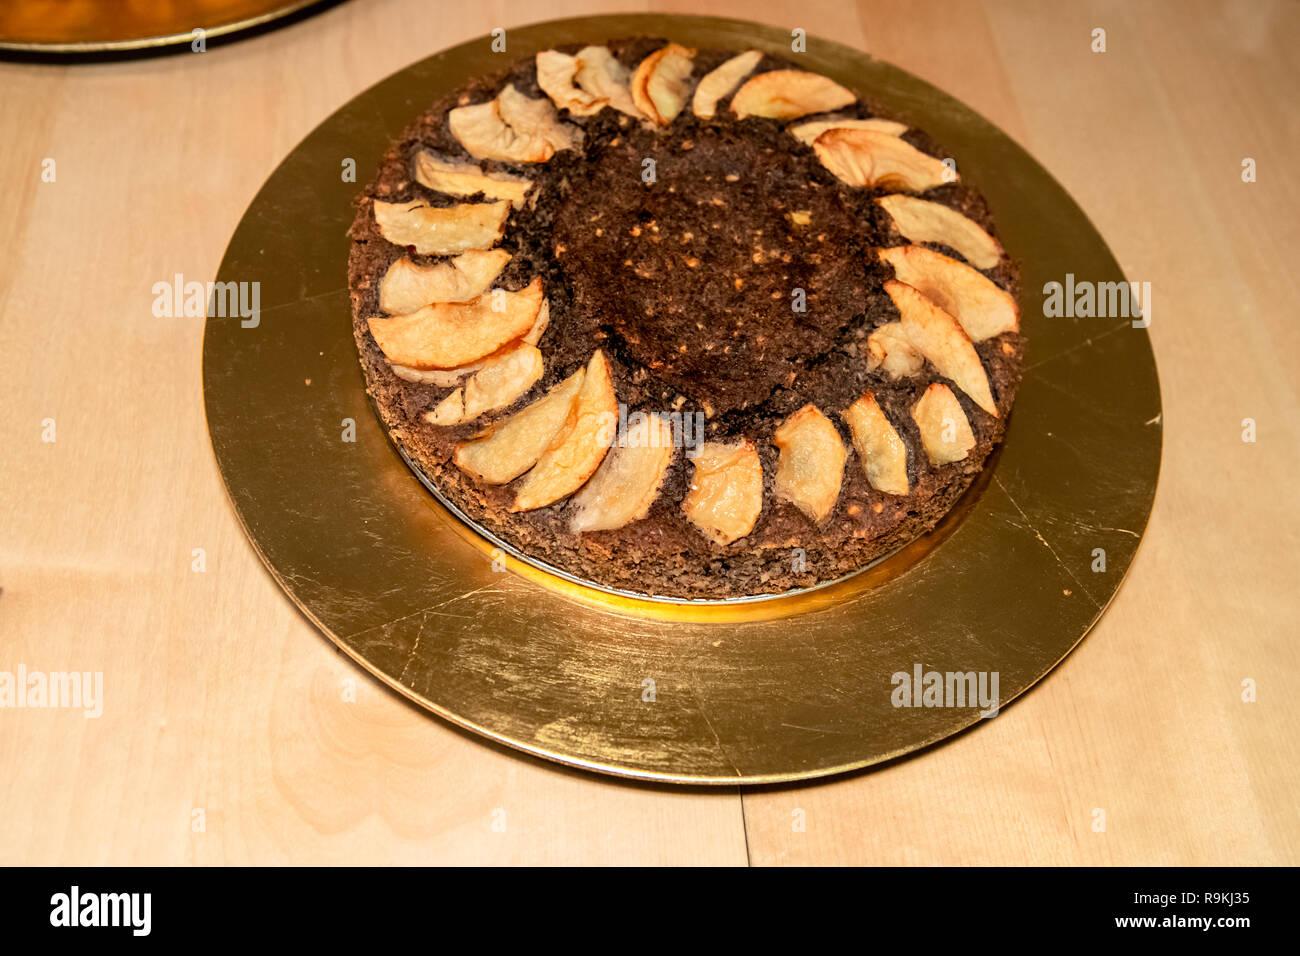 Traditionelle Buchweizen Torte Mit Apfelscheiben Auf Goldenen